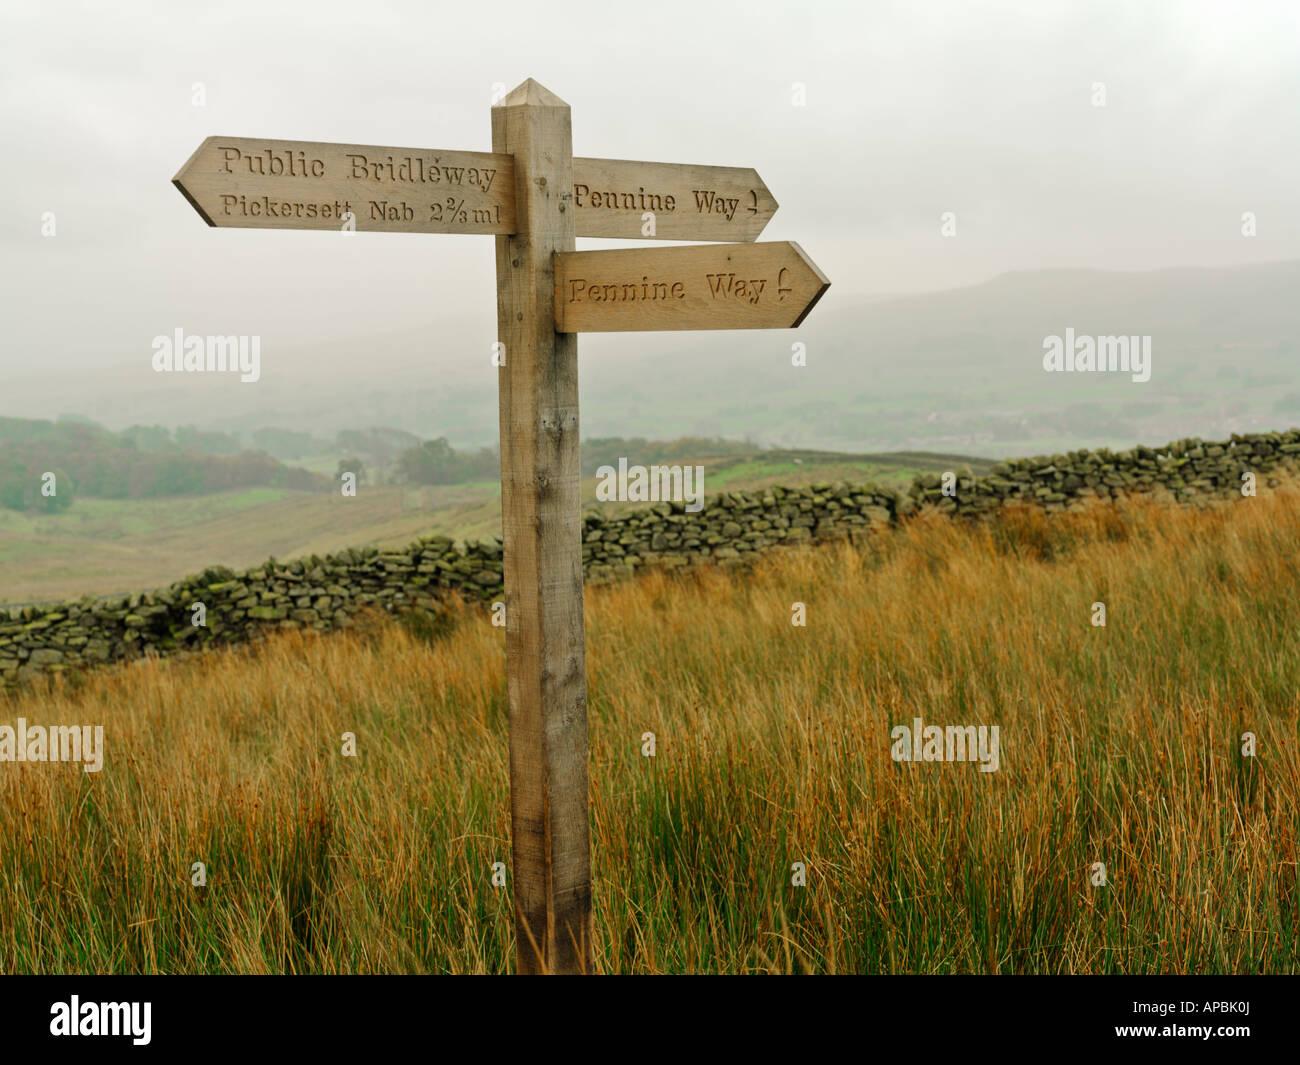 Regno Unito Yorkshire Yorkshire Dales National Park segnaletica per la Pennine Way 270 miglio percorso escursionistico Immagini Stock